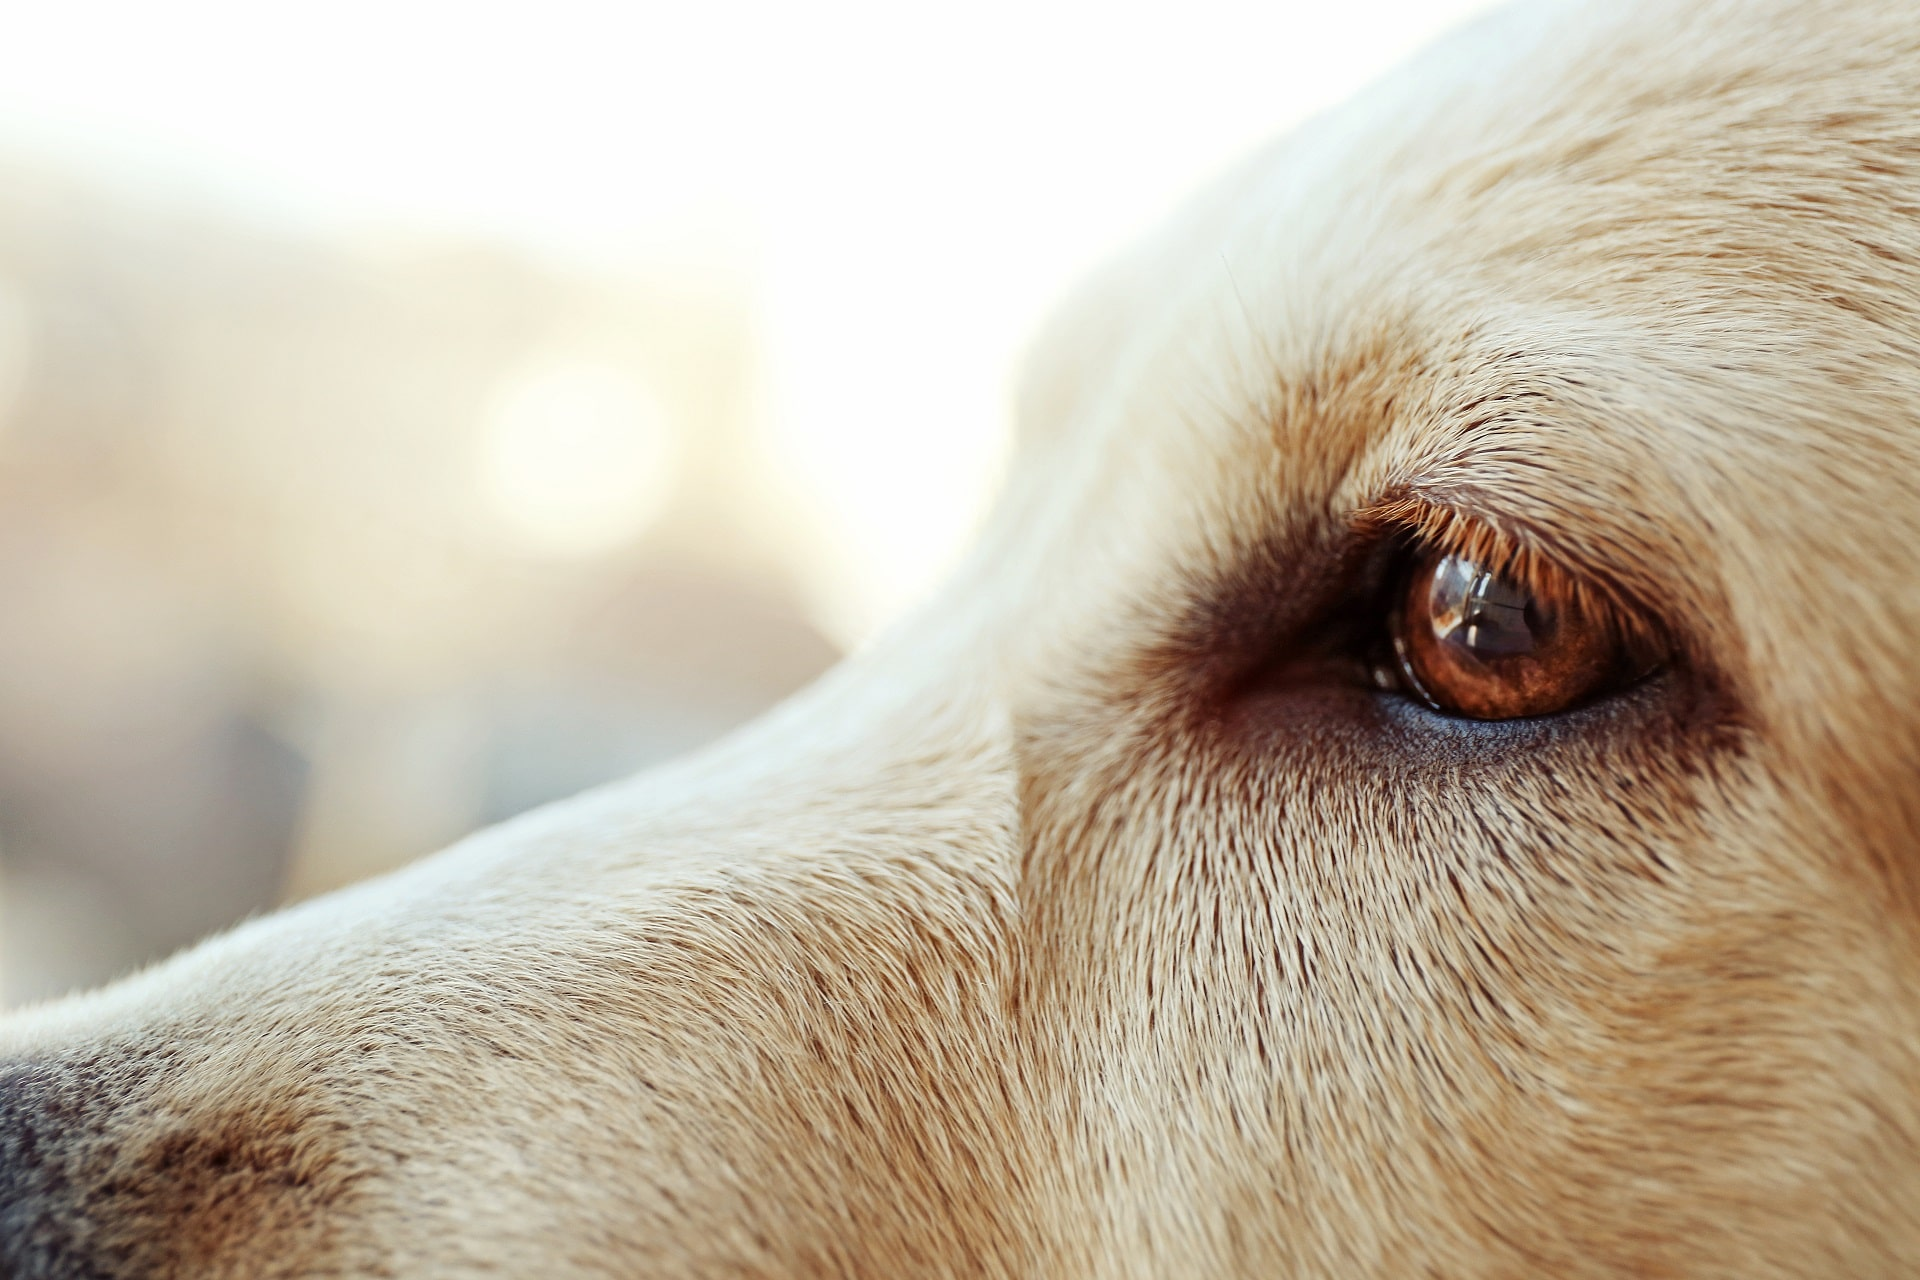 czy psy widzą kolory